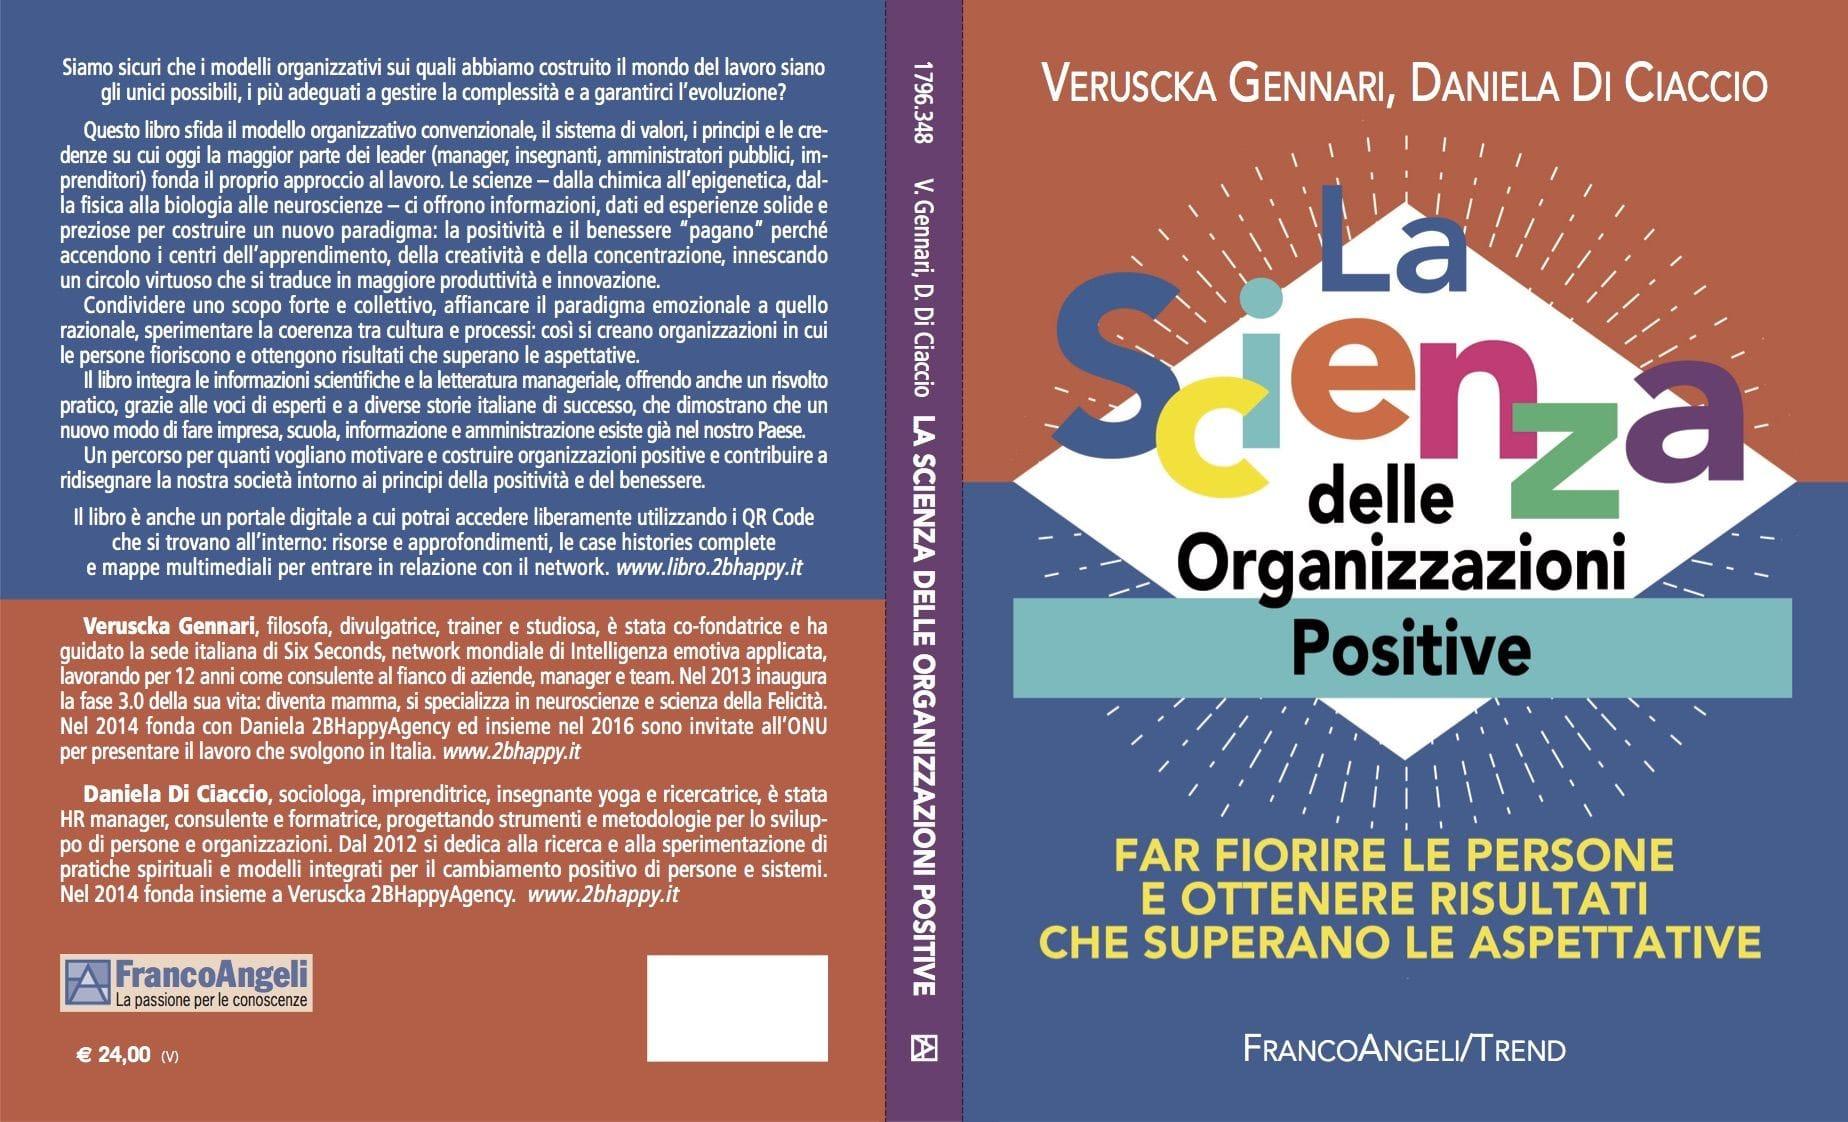 """""""La scienza delle organizzazioni positive. Far fiorire le persone e ottenere risultati che superano le aspettative"""" (Franco Angeli Editore)"""